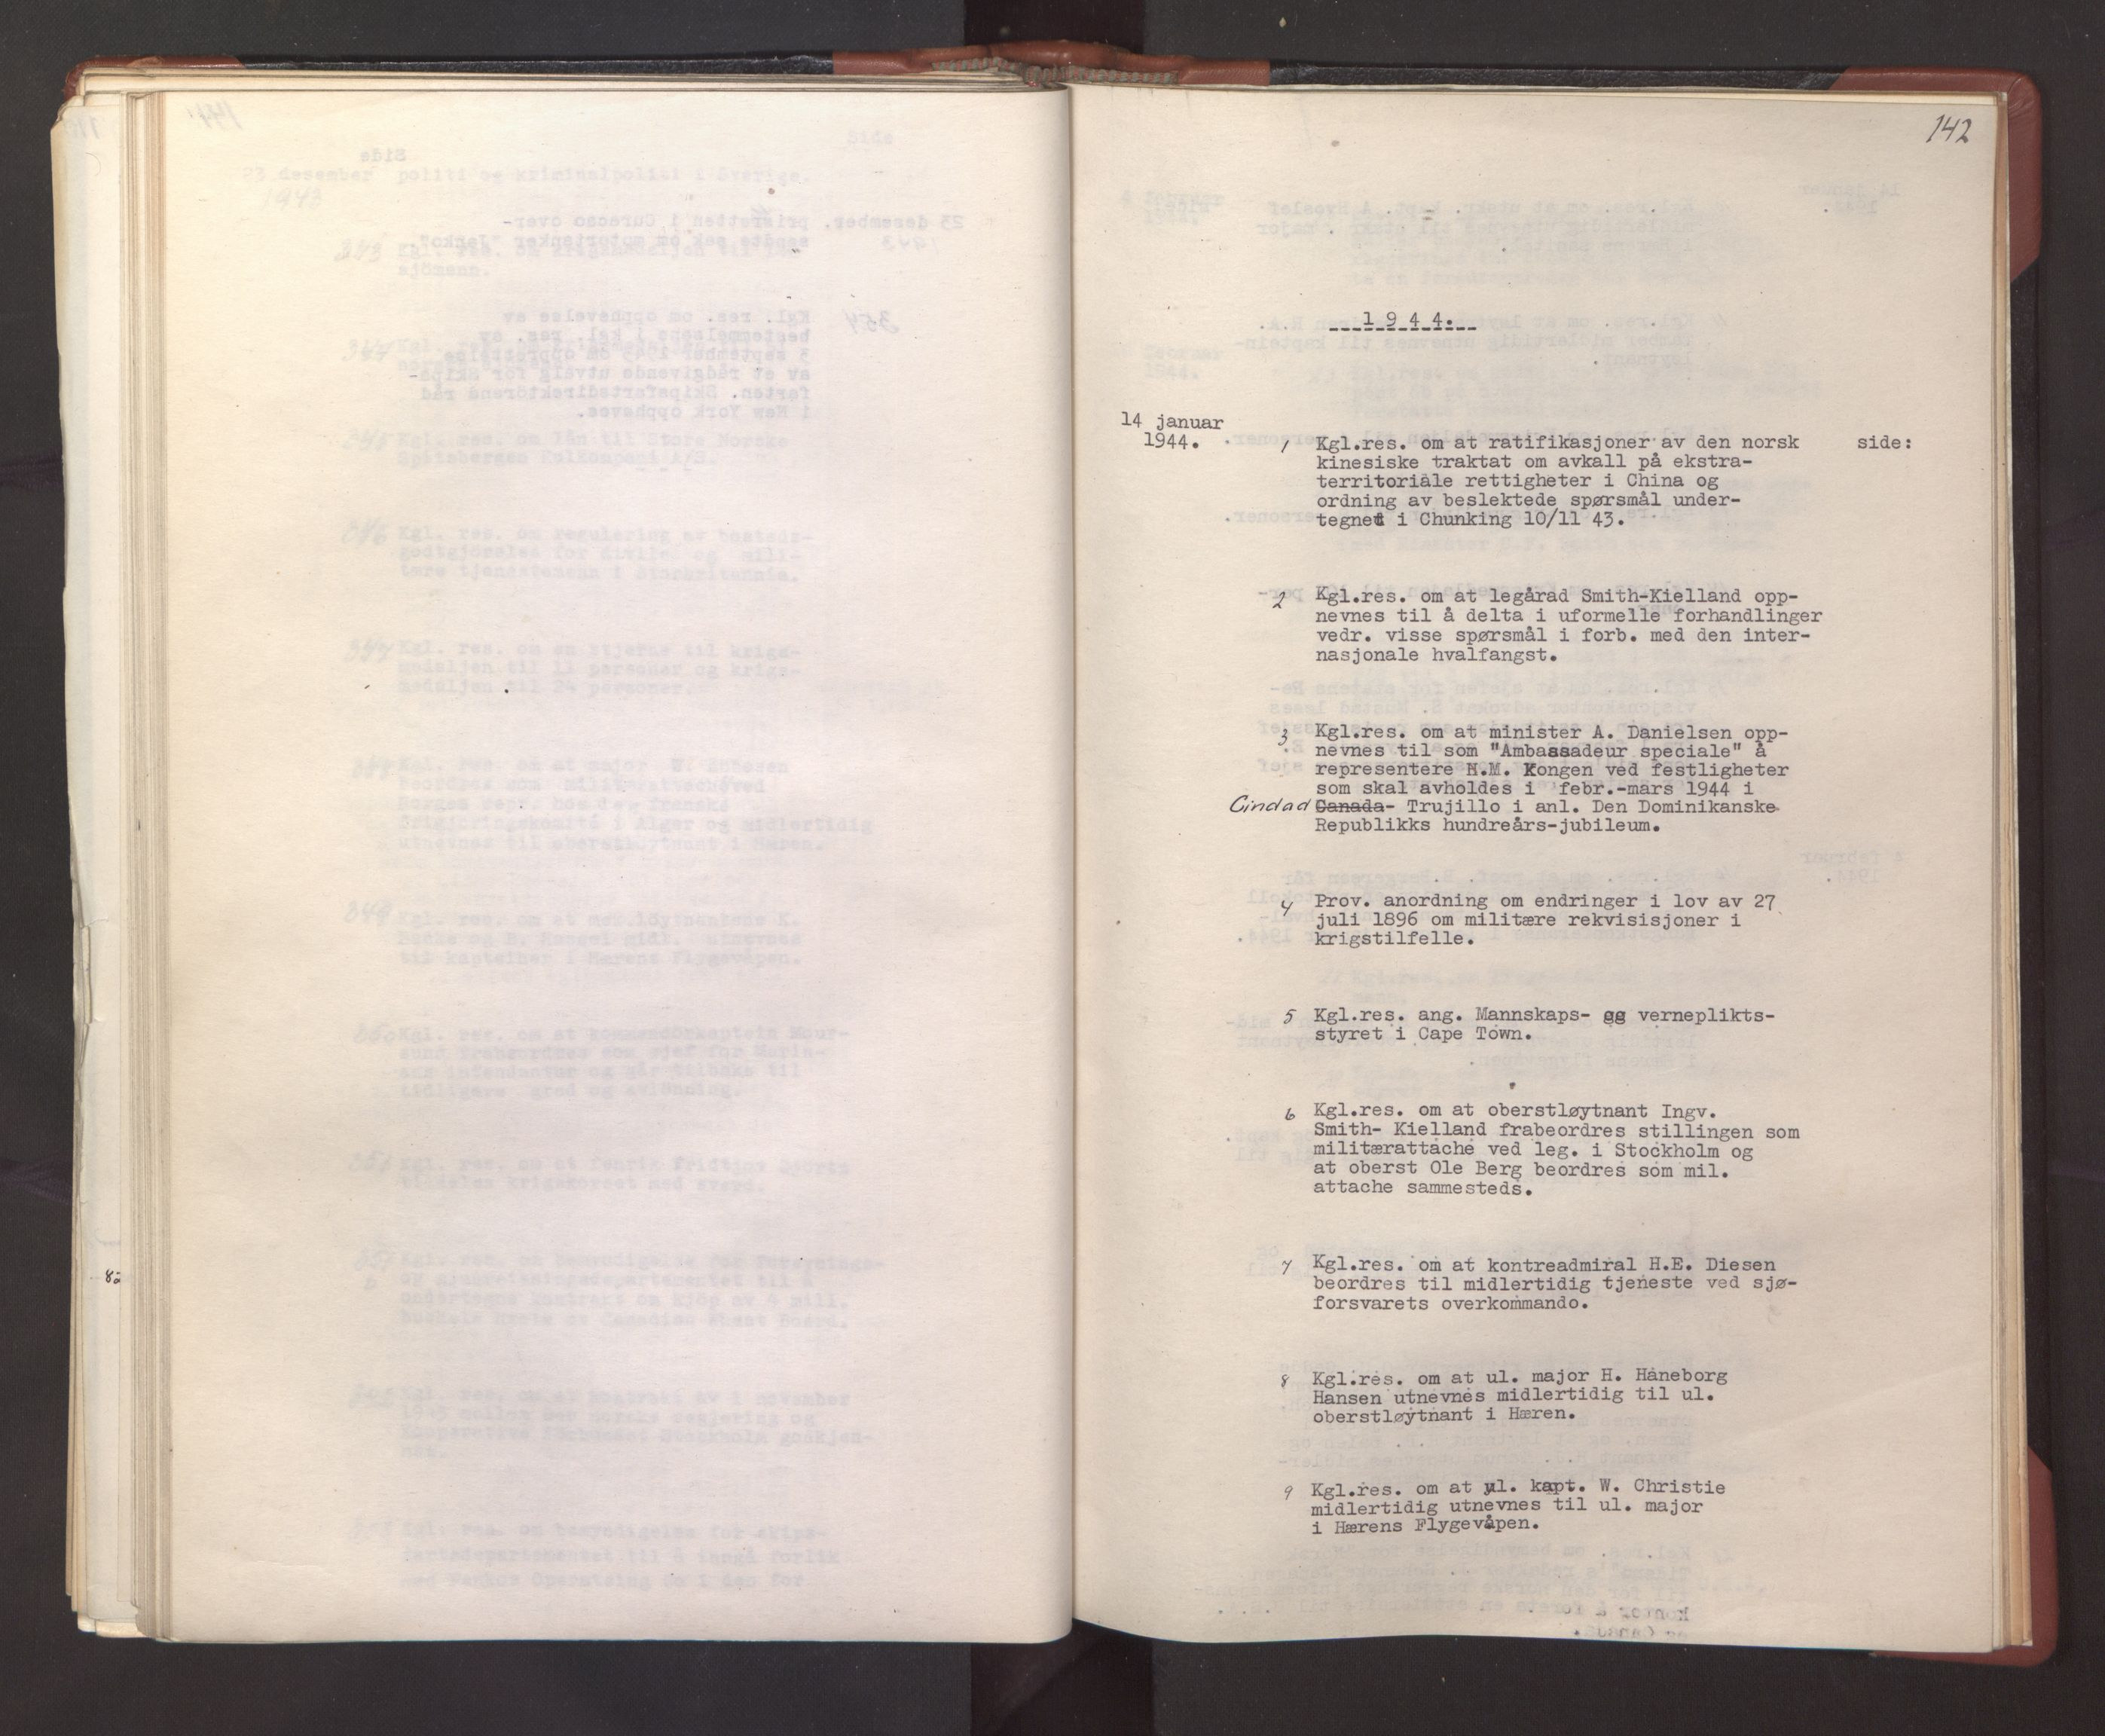 RA, Statsrådssekretariatet, A/Ac/L0127: Register 9/4-25/5, 1940-1945, s. 142